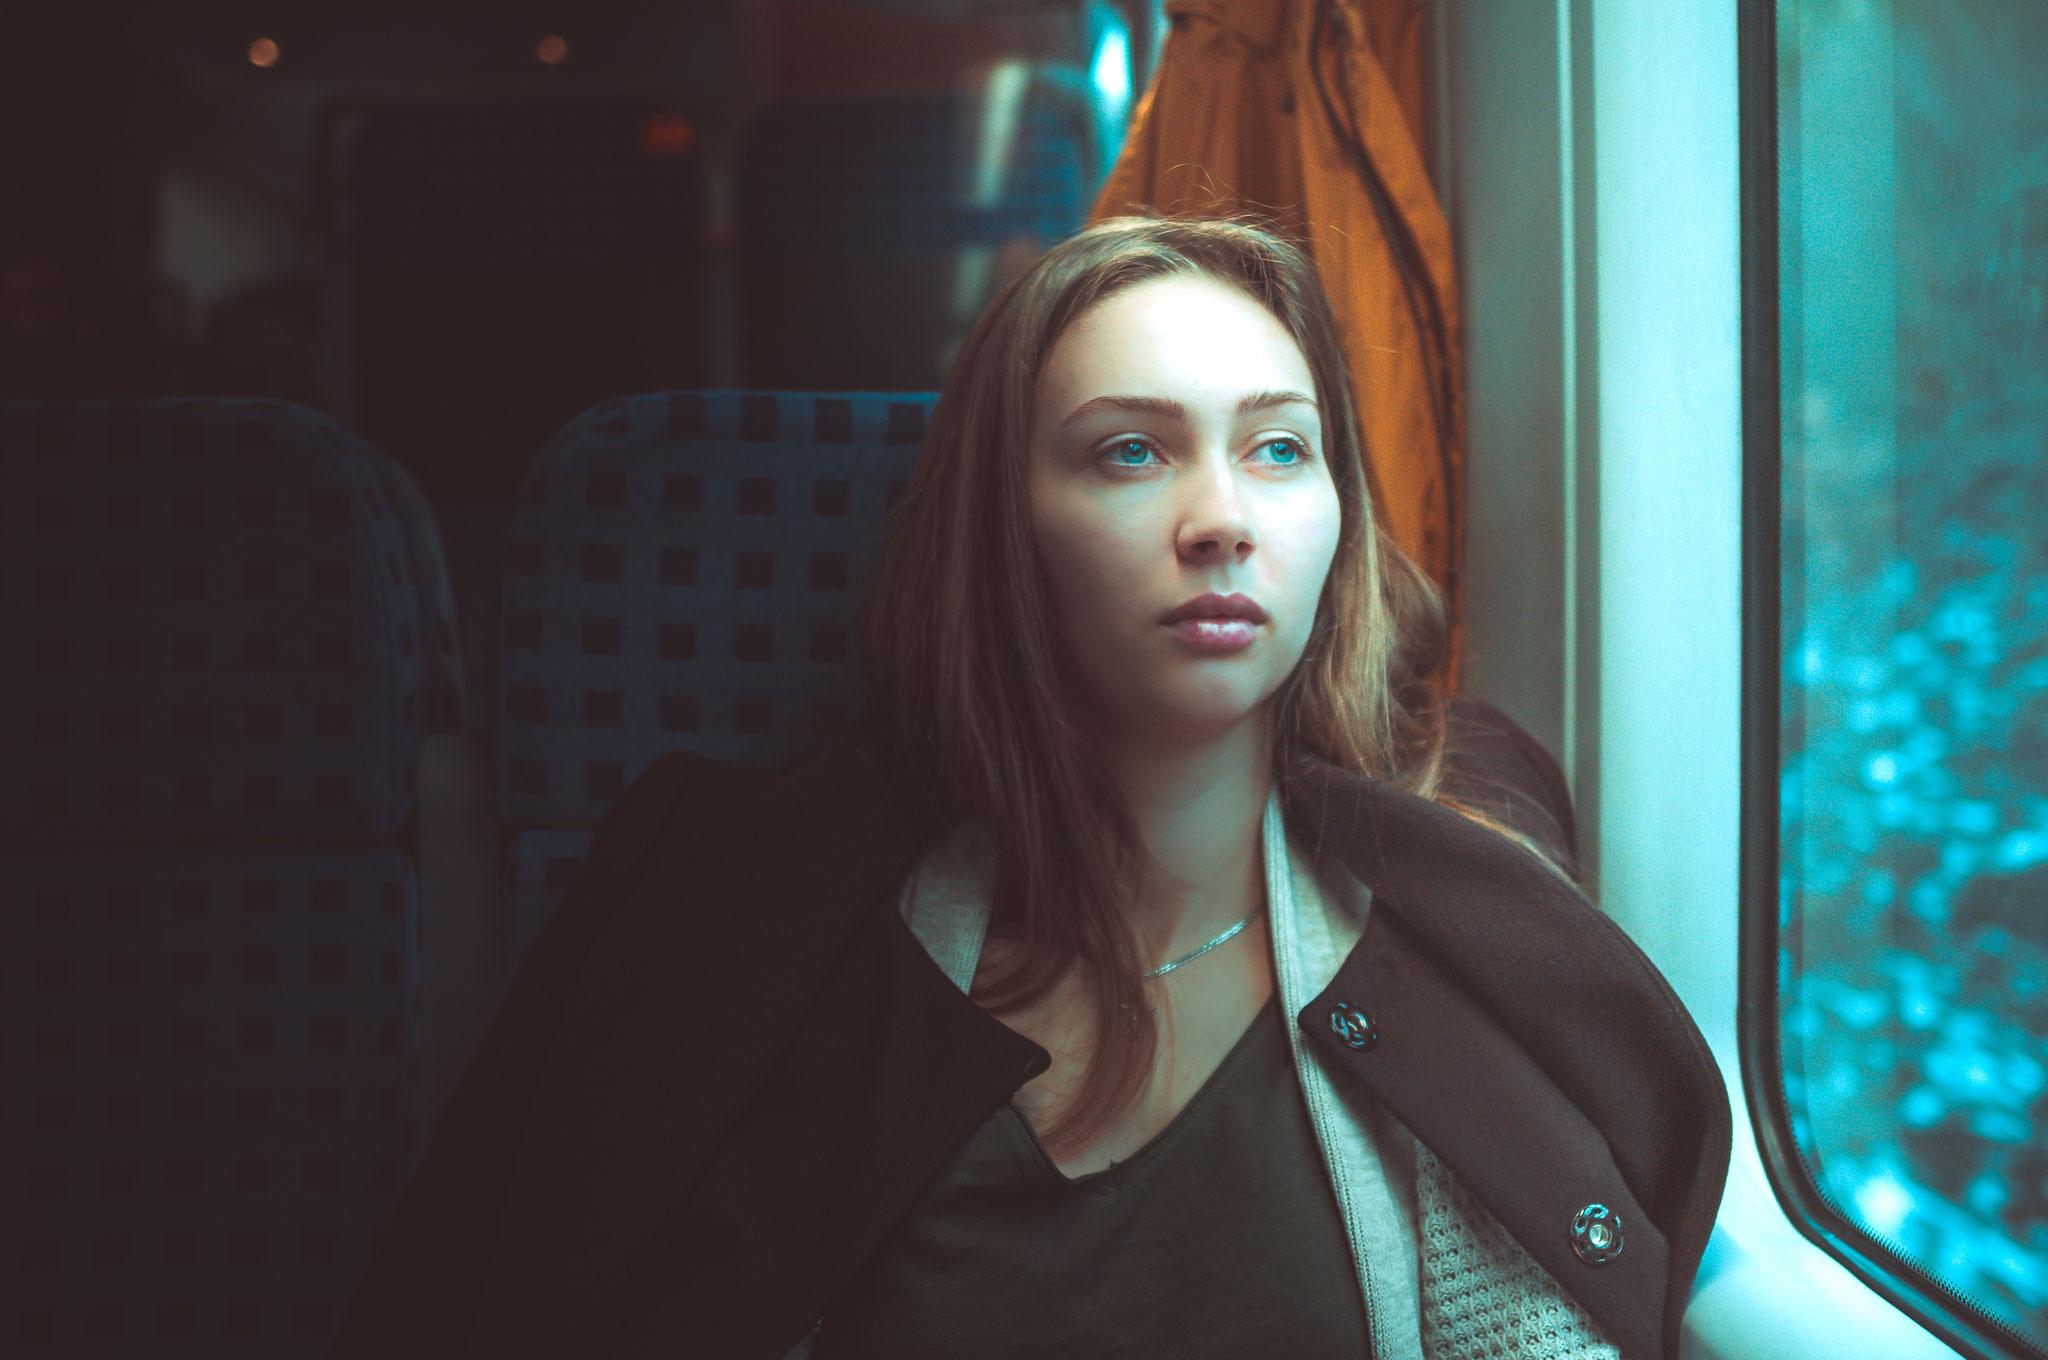 Junge hübsche Frau ganz in sich und nachdenklich unterwegs mit dem Zug